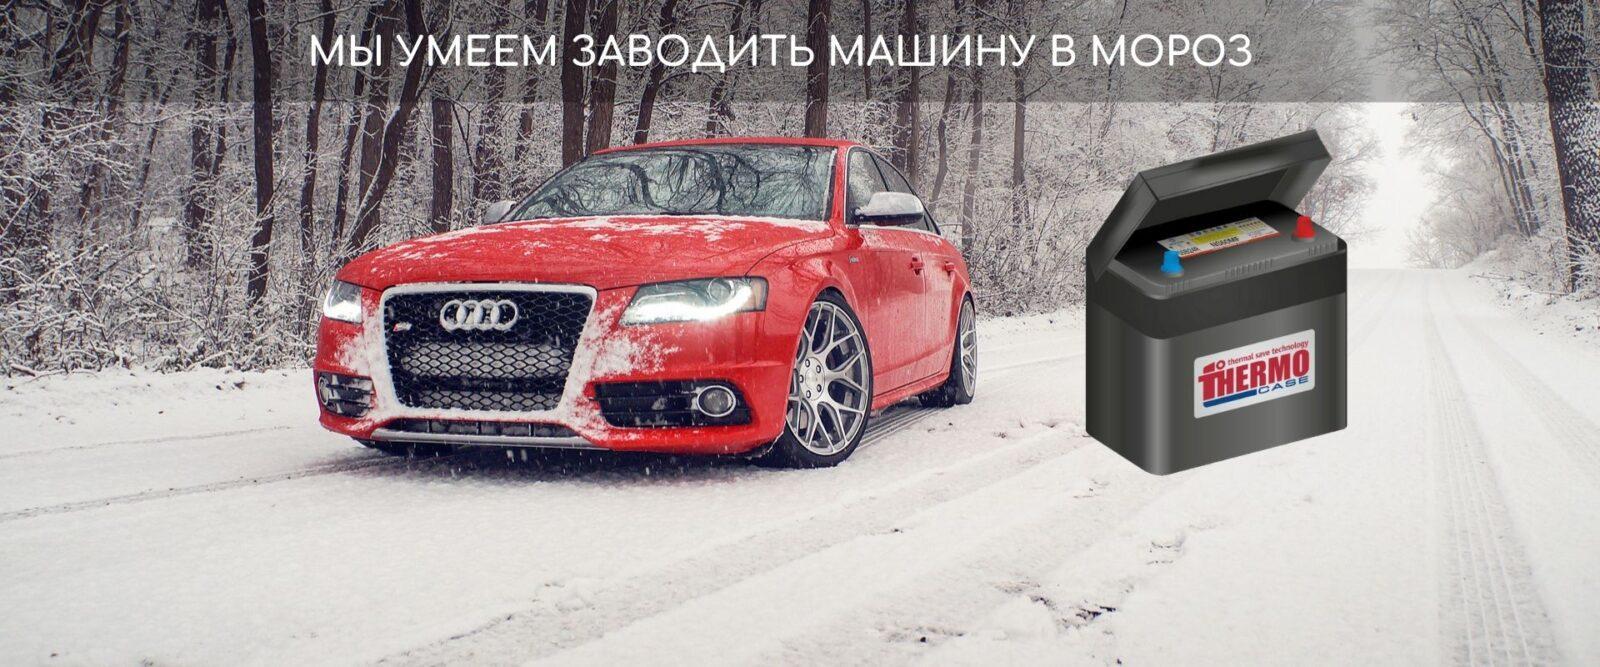 мы умеем заводить машину в мороз